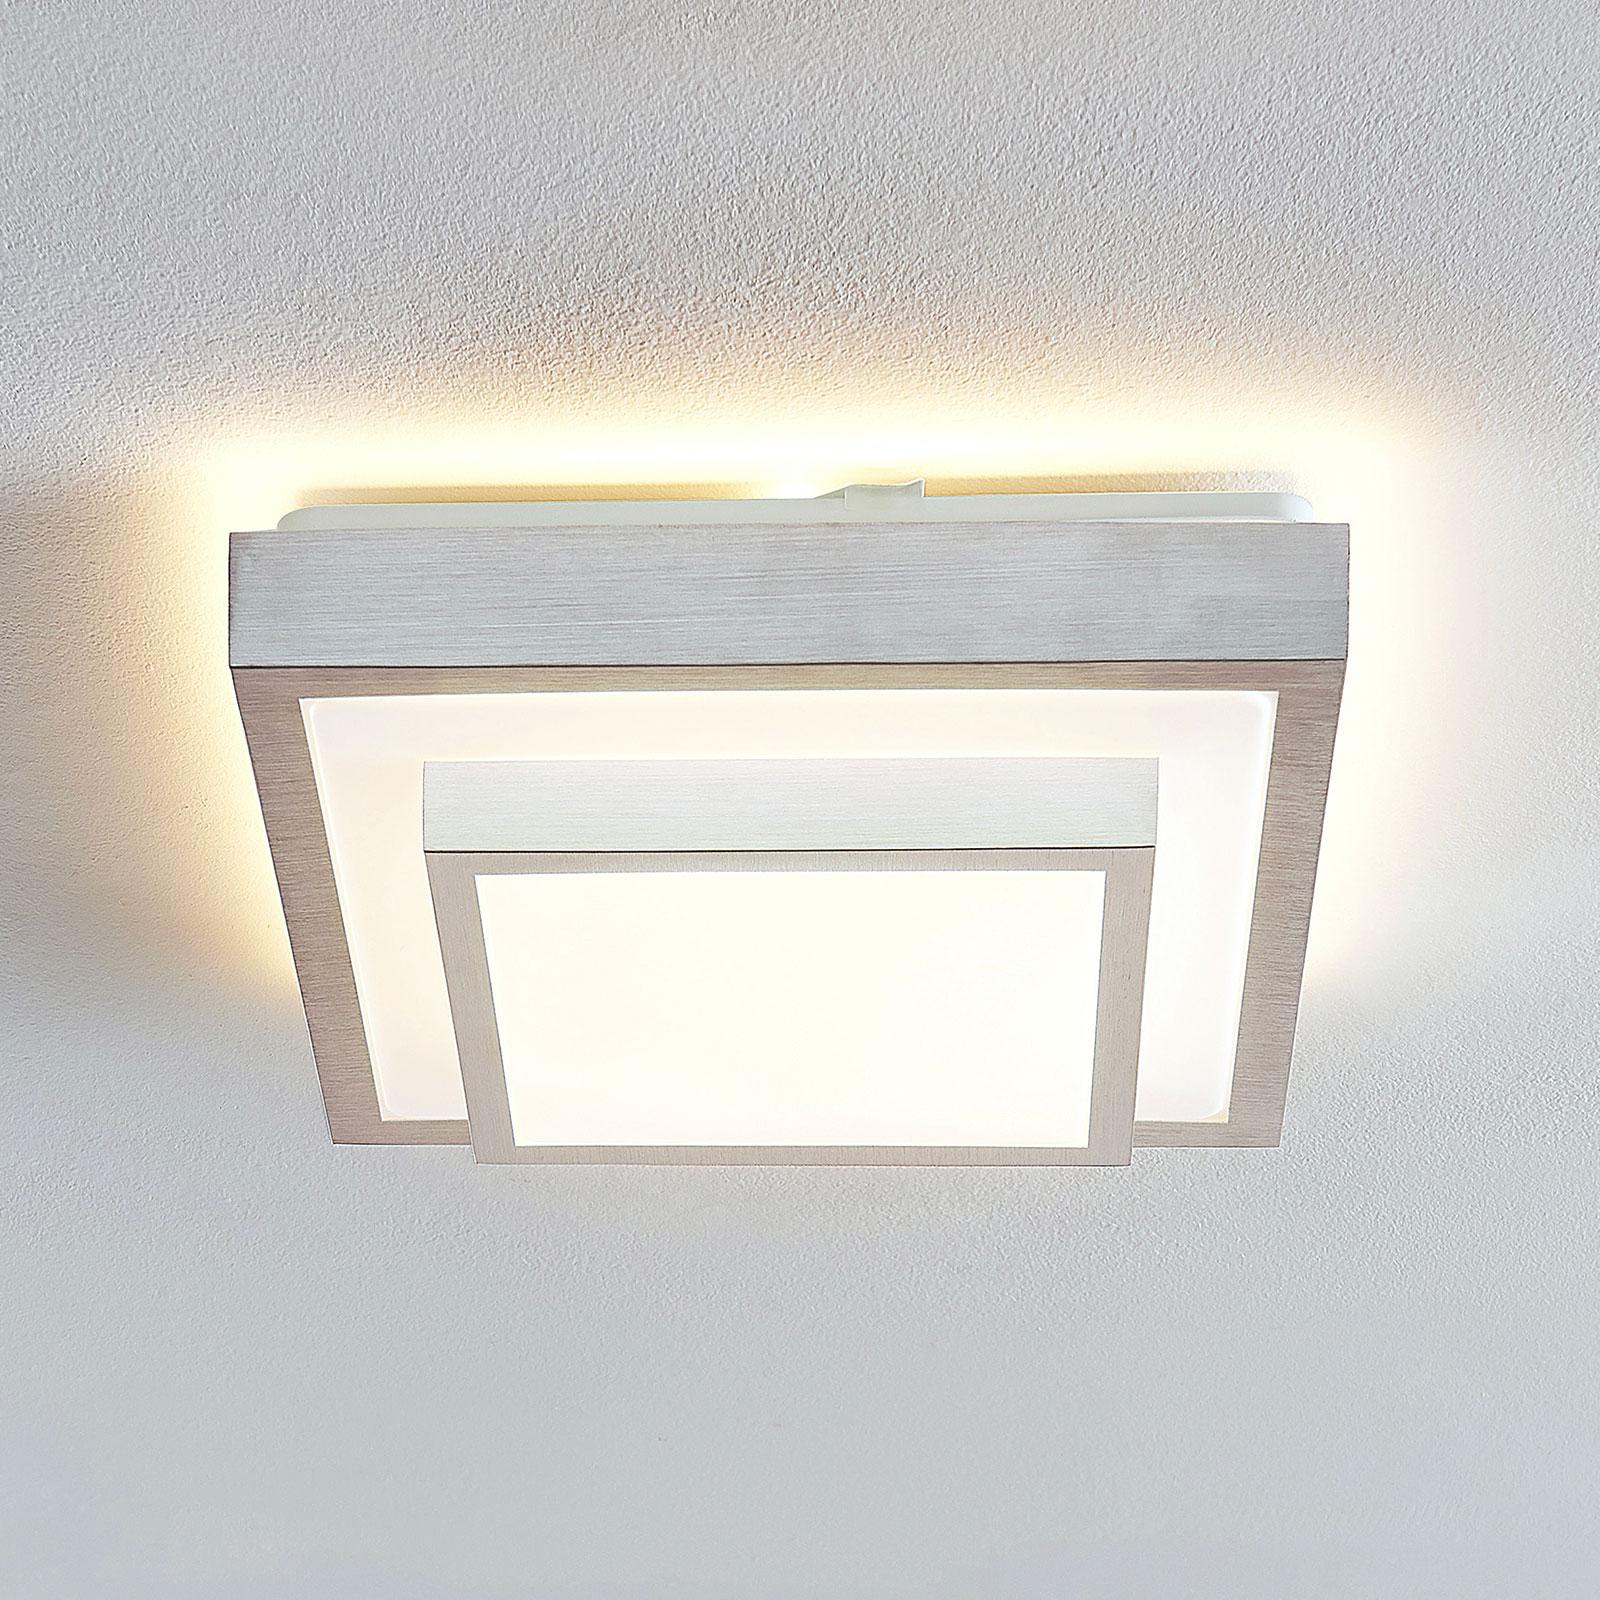 Lindby Mirco lámpara de techo LED, angular, 32 cm